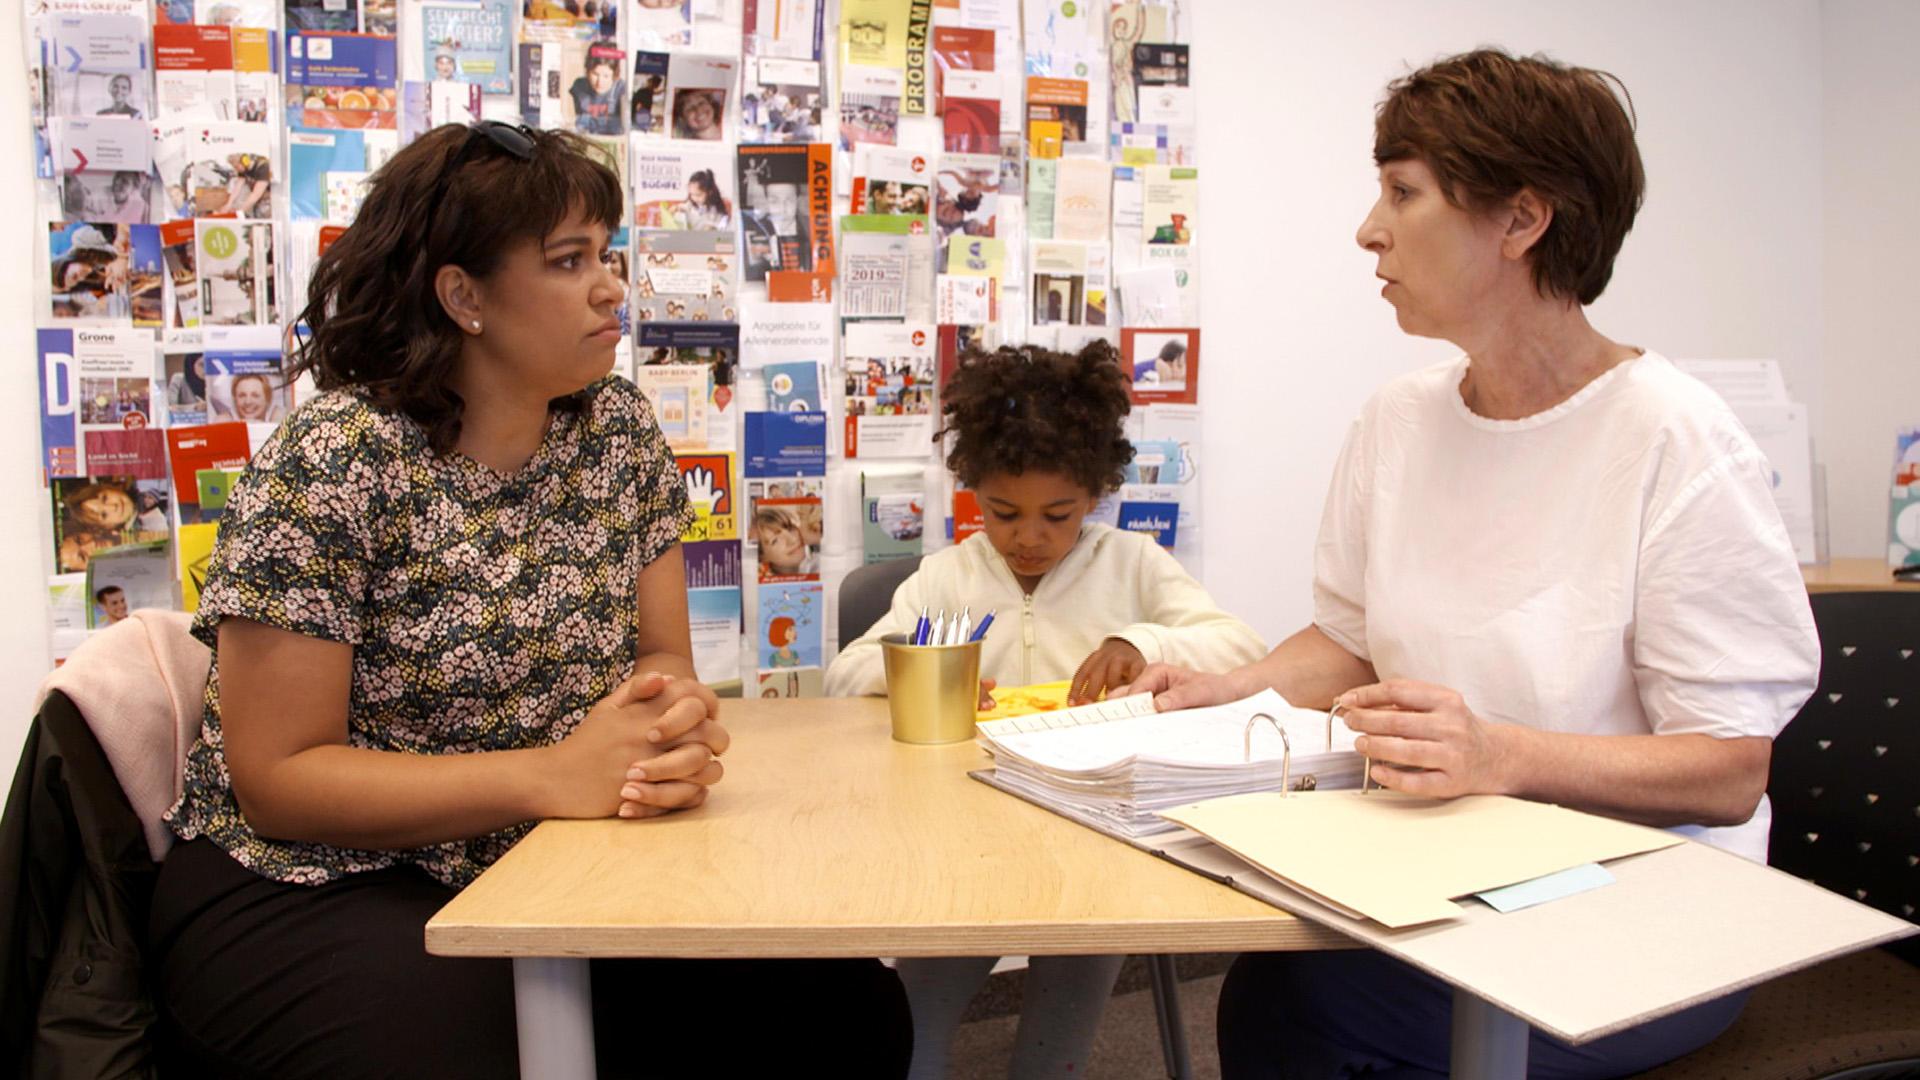 Alleinerziehend und alleingelassen - Wer hilft Deutschlands Single Müttern? | Folge 6